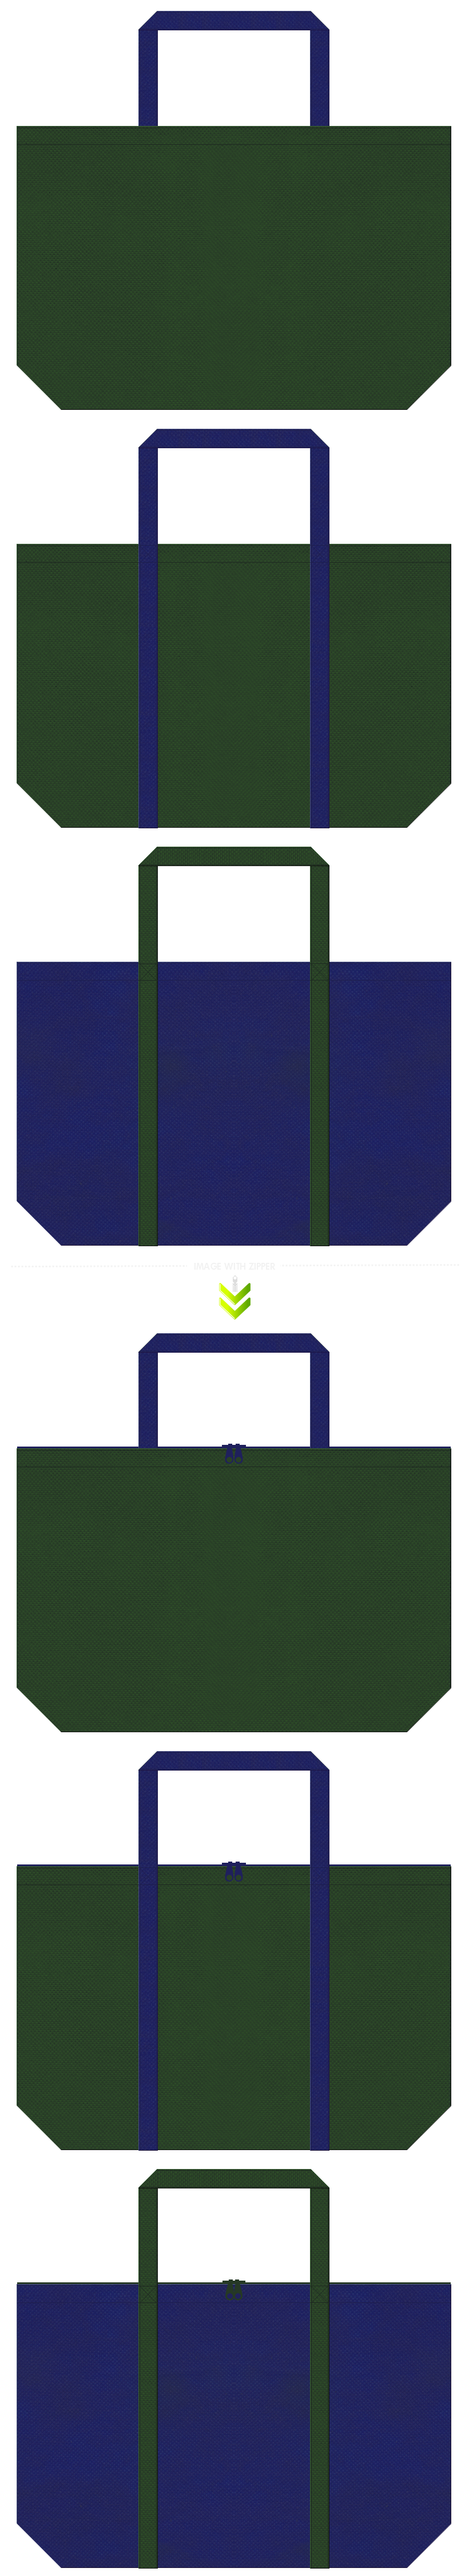 濃緑色と明るい紺色の不織布エコバッグのデザイン。